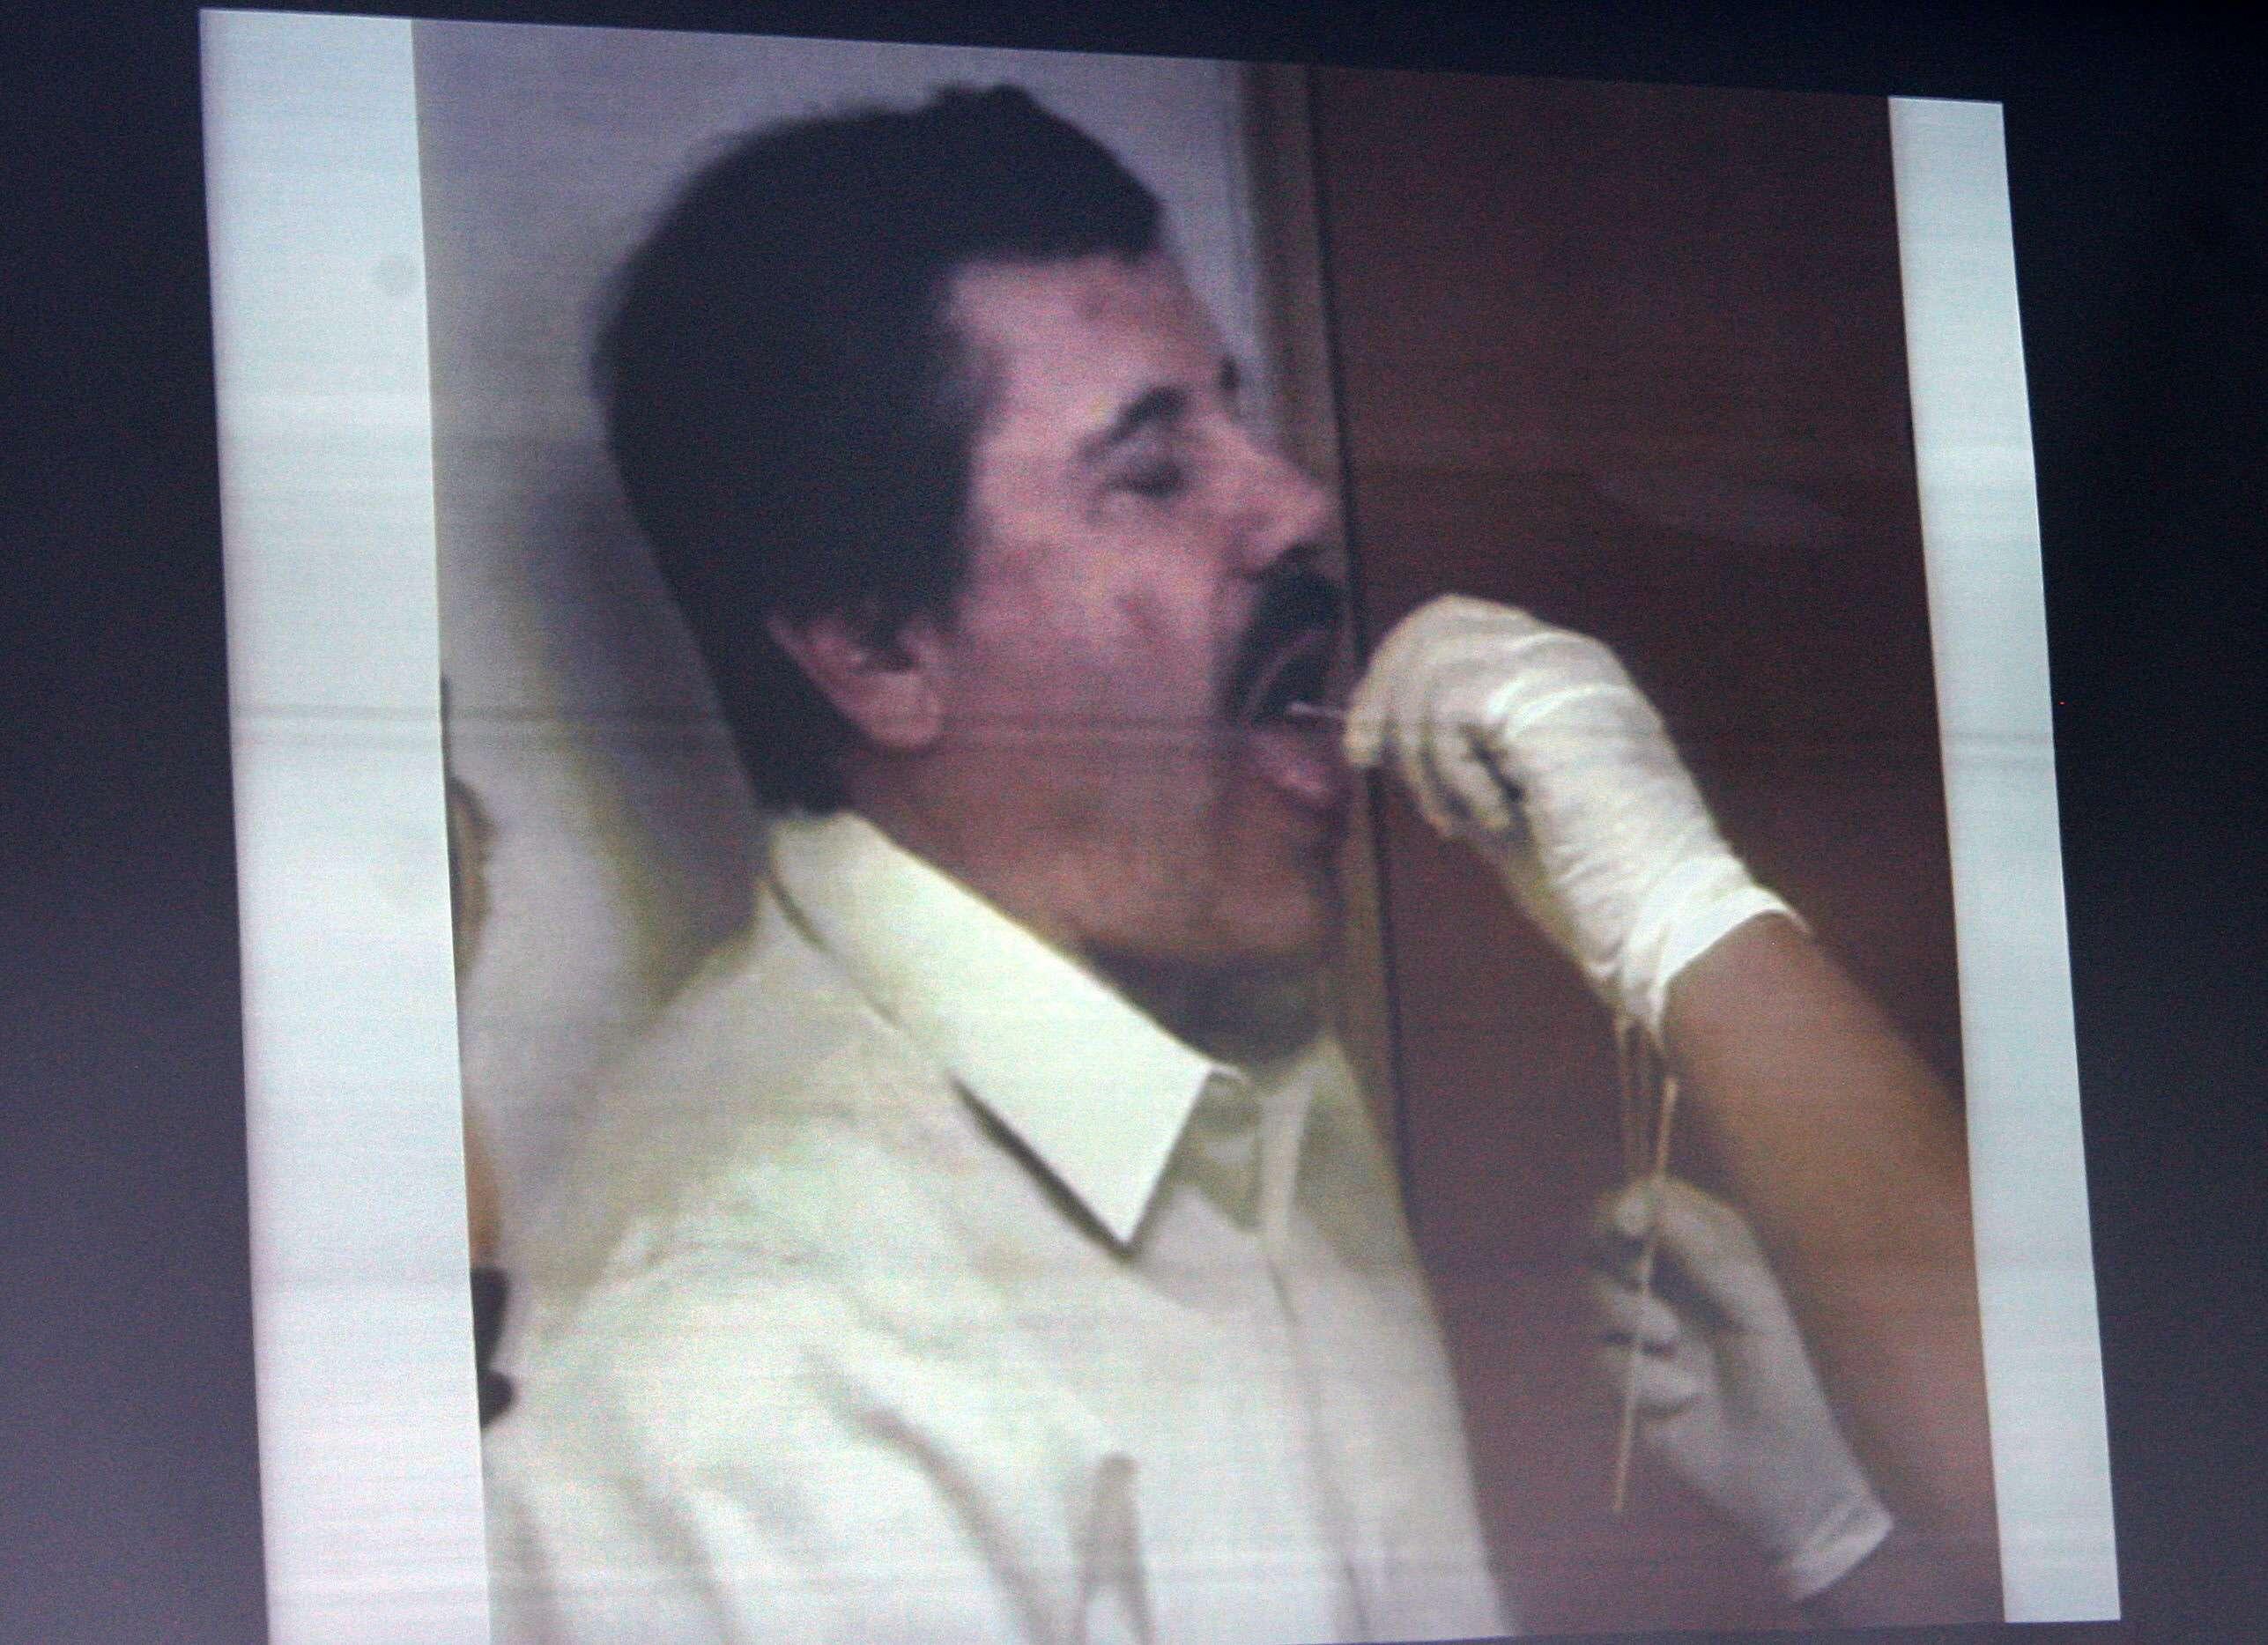 25/02/2014.- La PGR muestra imágenes de las pruebas de identificación realizadas a Joaquín Archivaldo Guzmán, alías El Chapo Guzmán. Los análisis de ADN, la medición de los rasgos faciales y la comparación de las huellas dactilares fueron las pruebas que empleó para identificar plenamente al narcotraficante. Foto: EFE en español